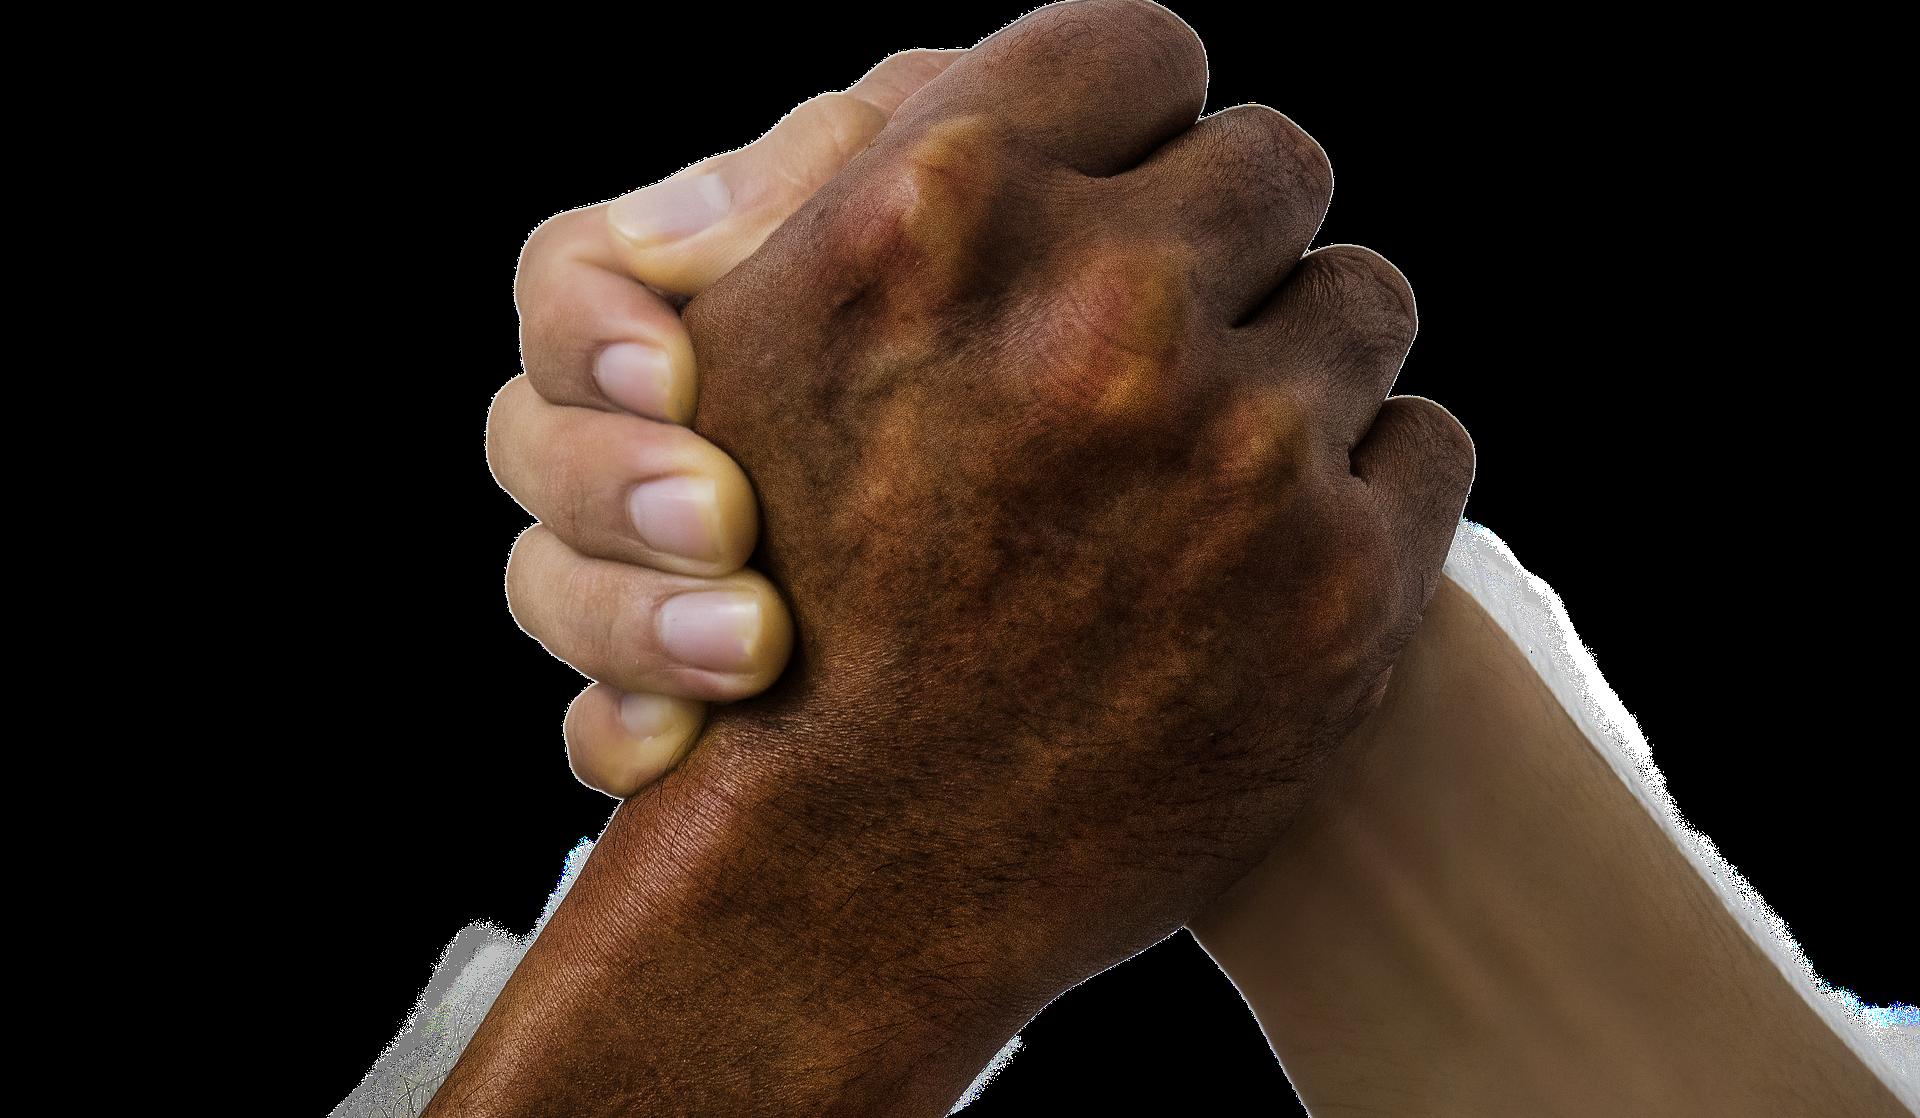 hands-1917759_1920